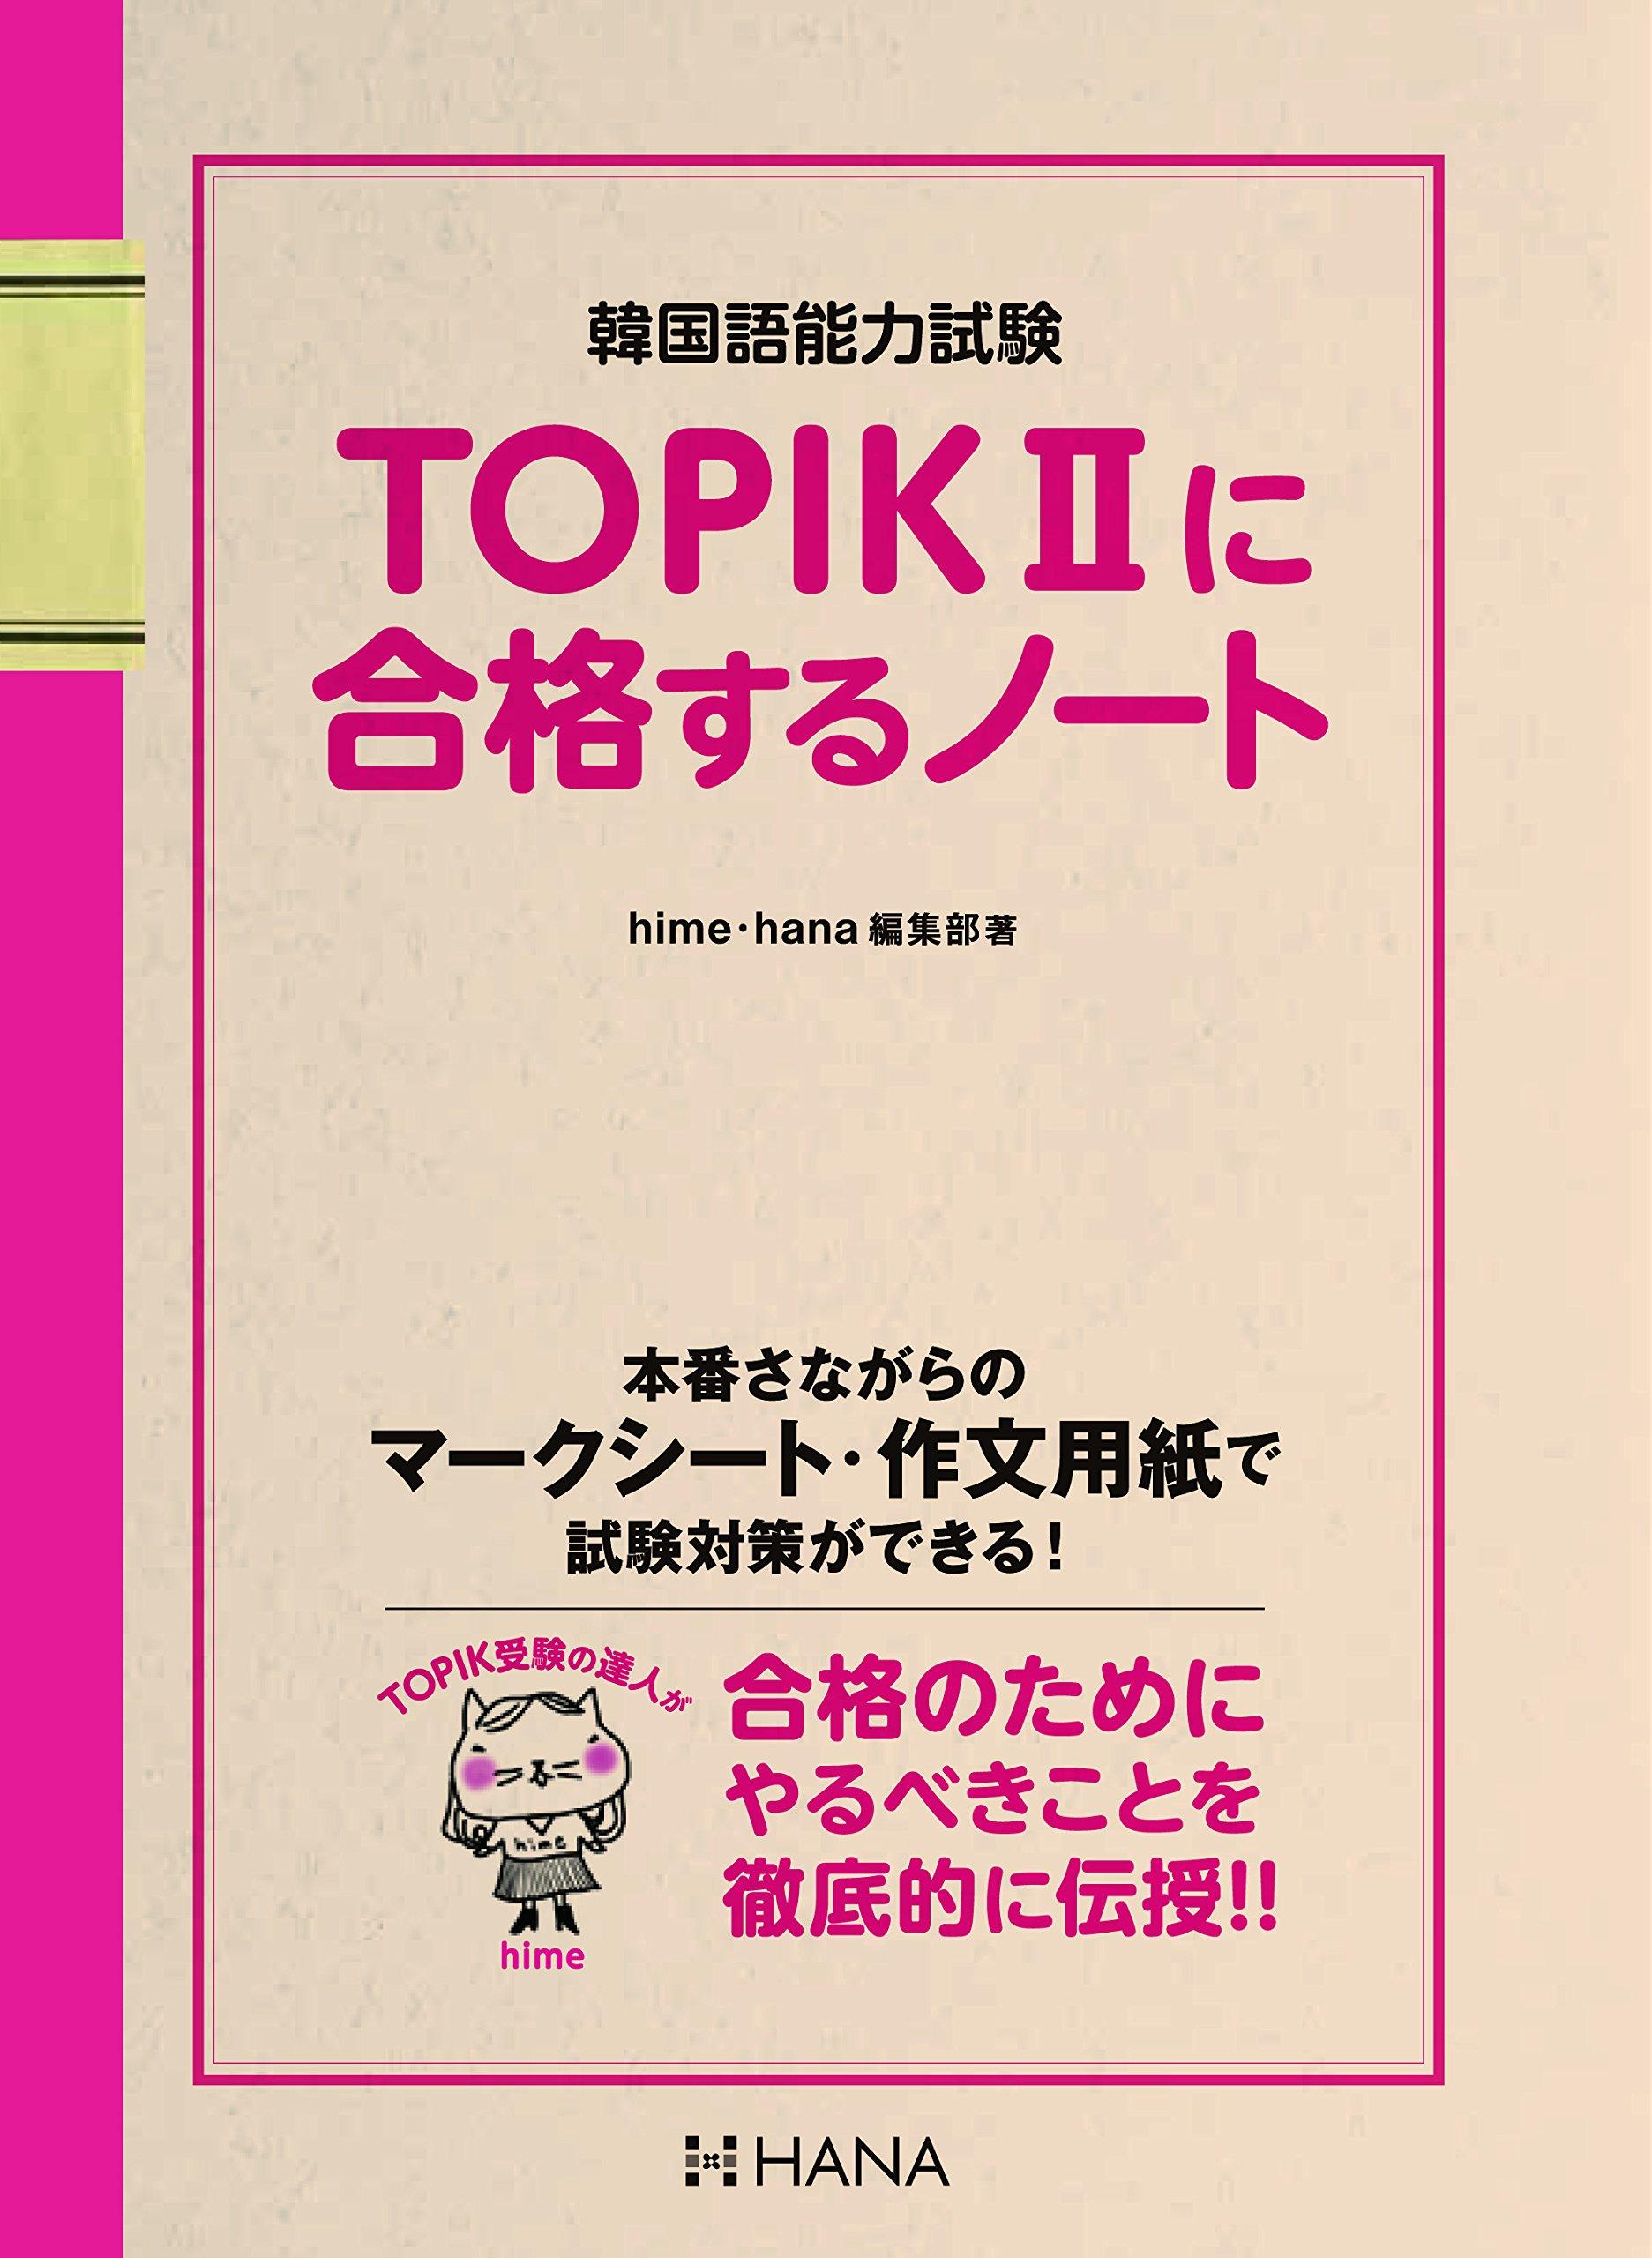 TOPIKIIに合格するノートのイメージ